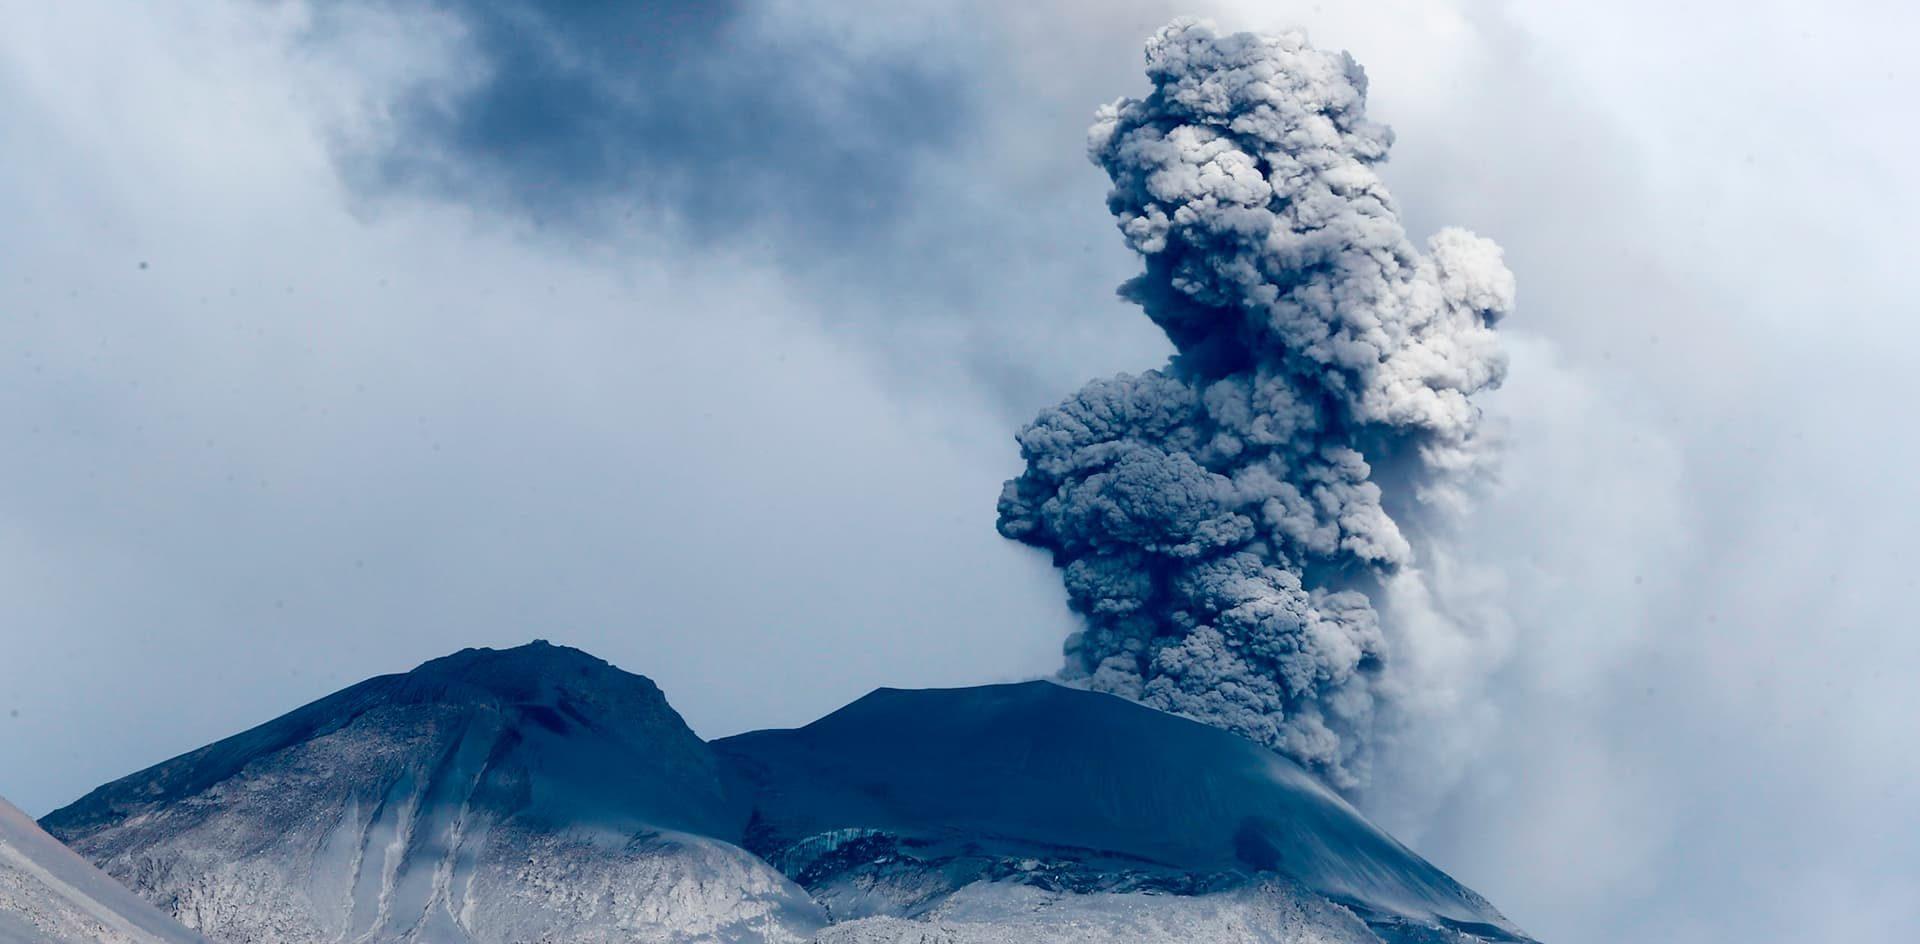 Desarrollan una plataforma que alerta sobre posibles erupciones volcánicas a partir de relámpagos